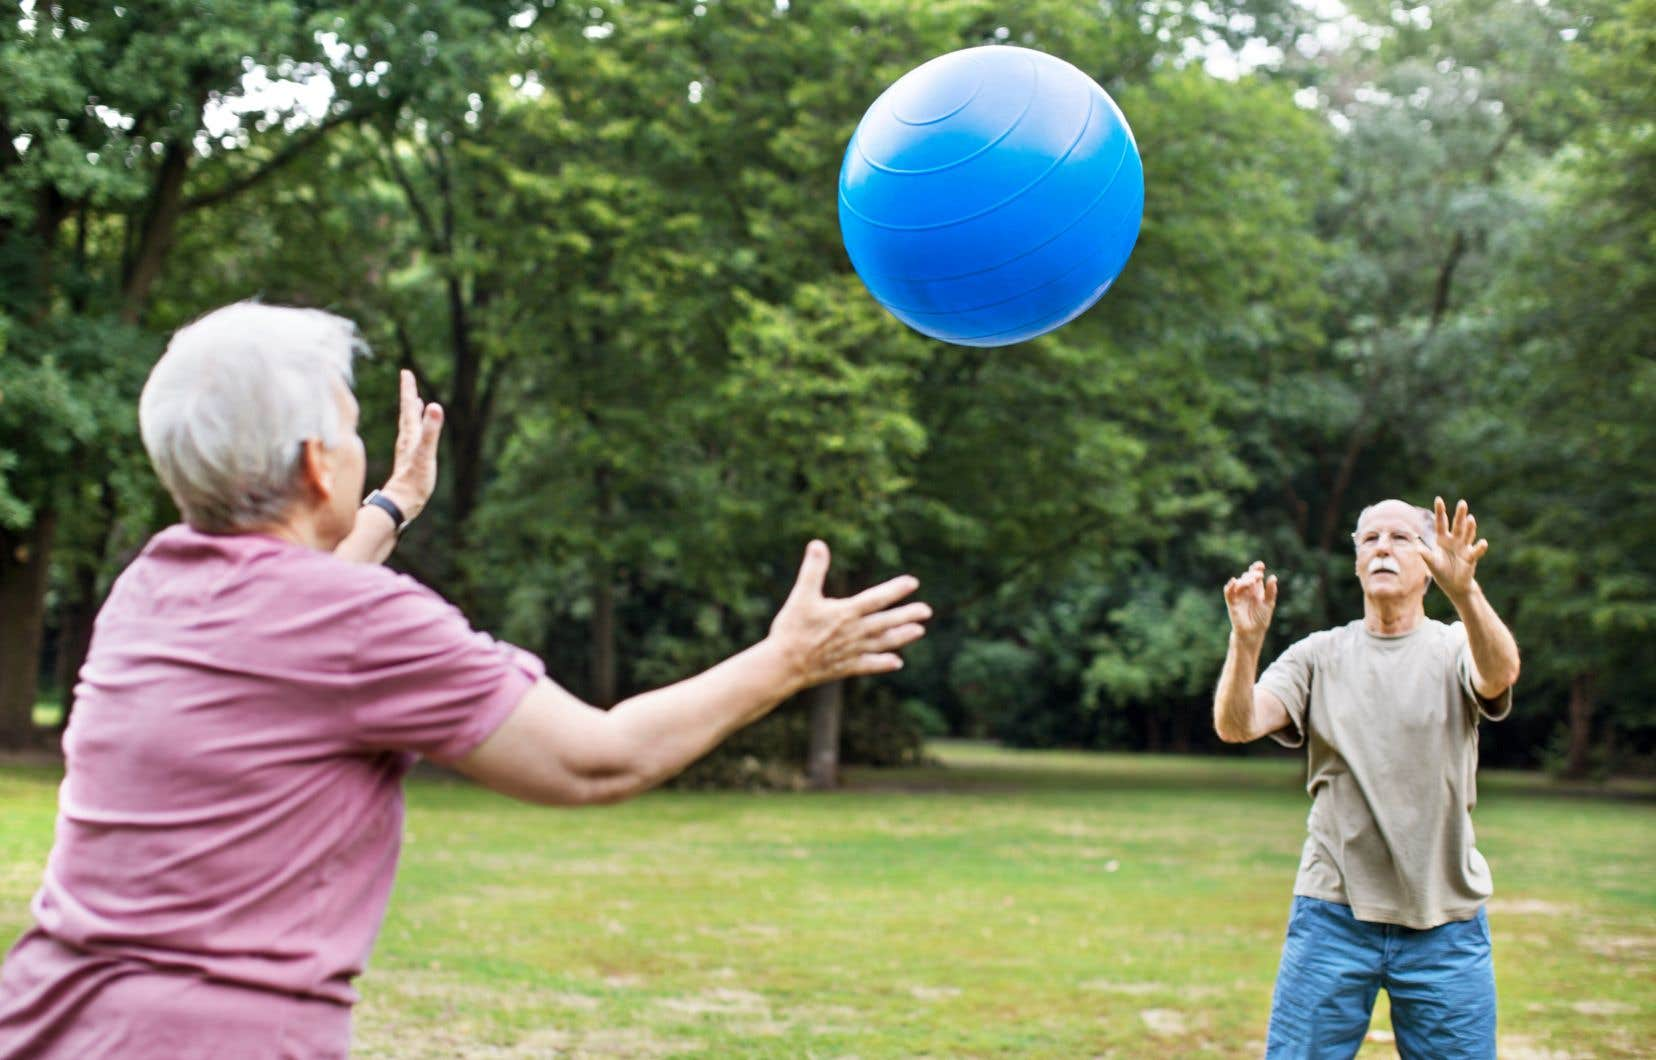 Une vaste étude britannique constate que maintenir son niveau d'activité physique ou l'augmenter en milieu de vie, ou même plus tard, réduit le risque de mortalité.